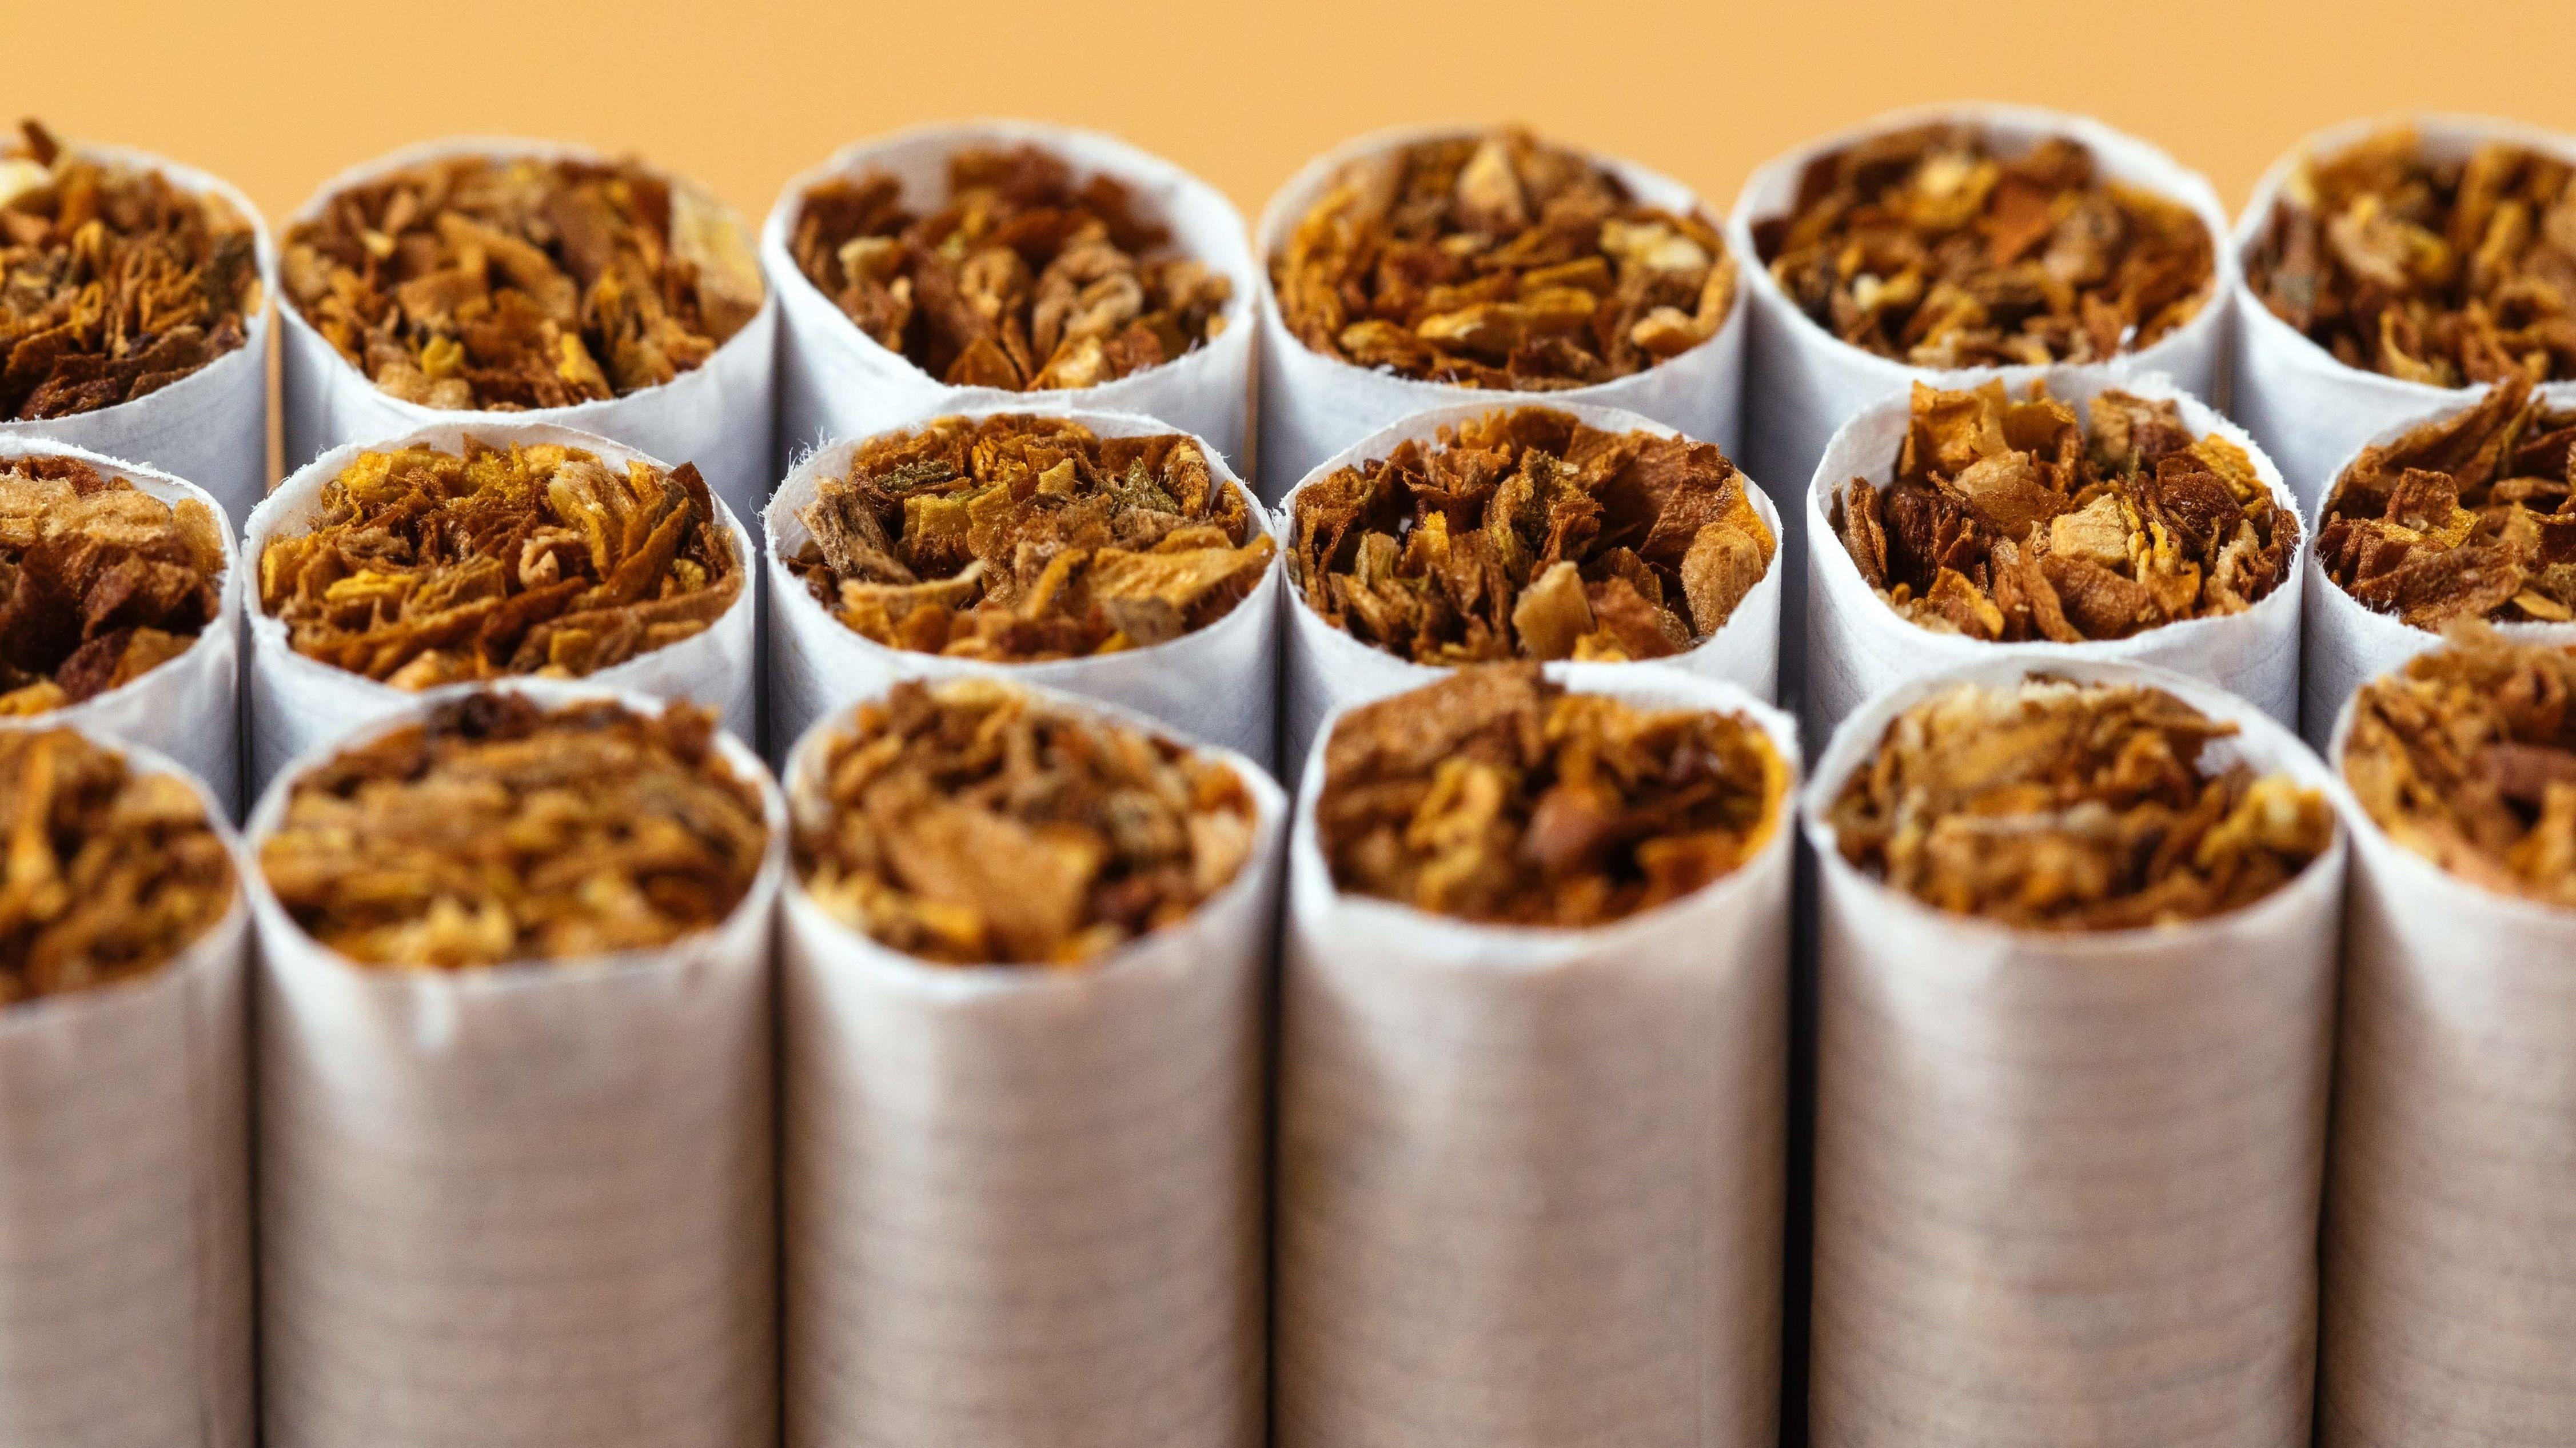 Viele einzelne Zigaretten